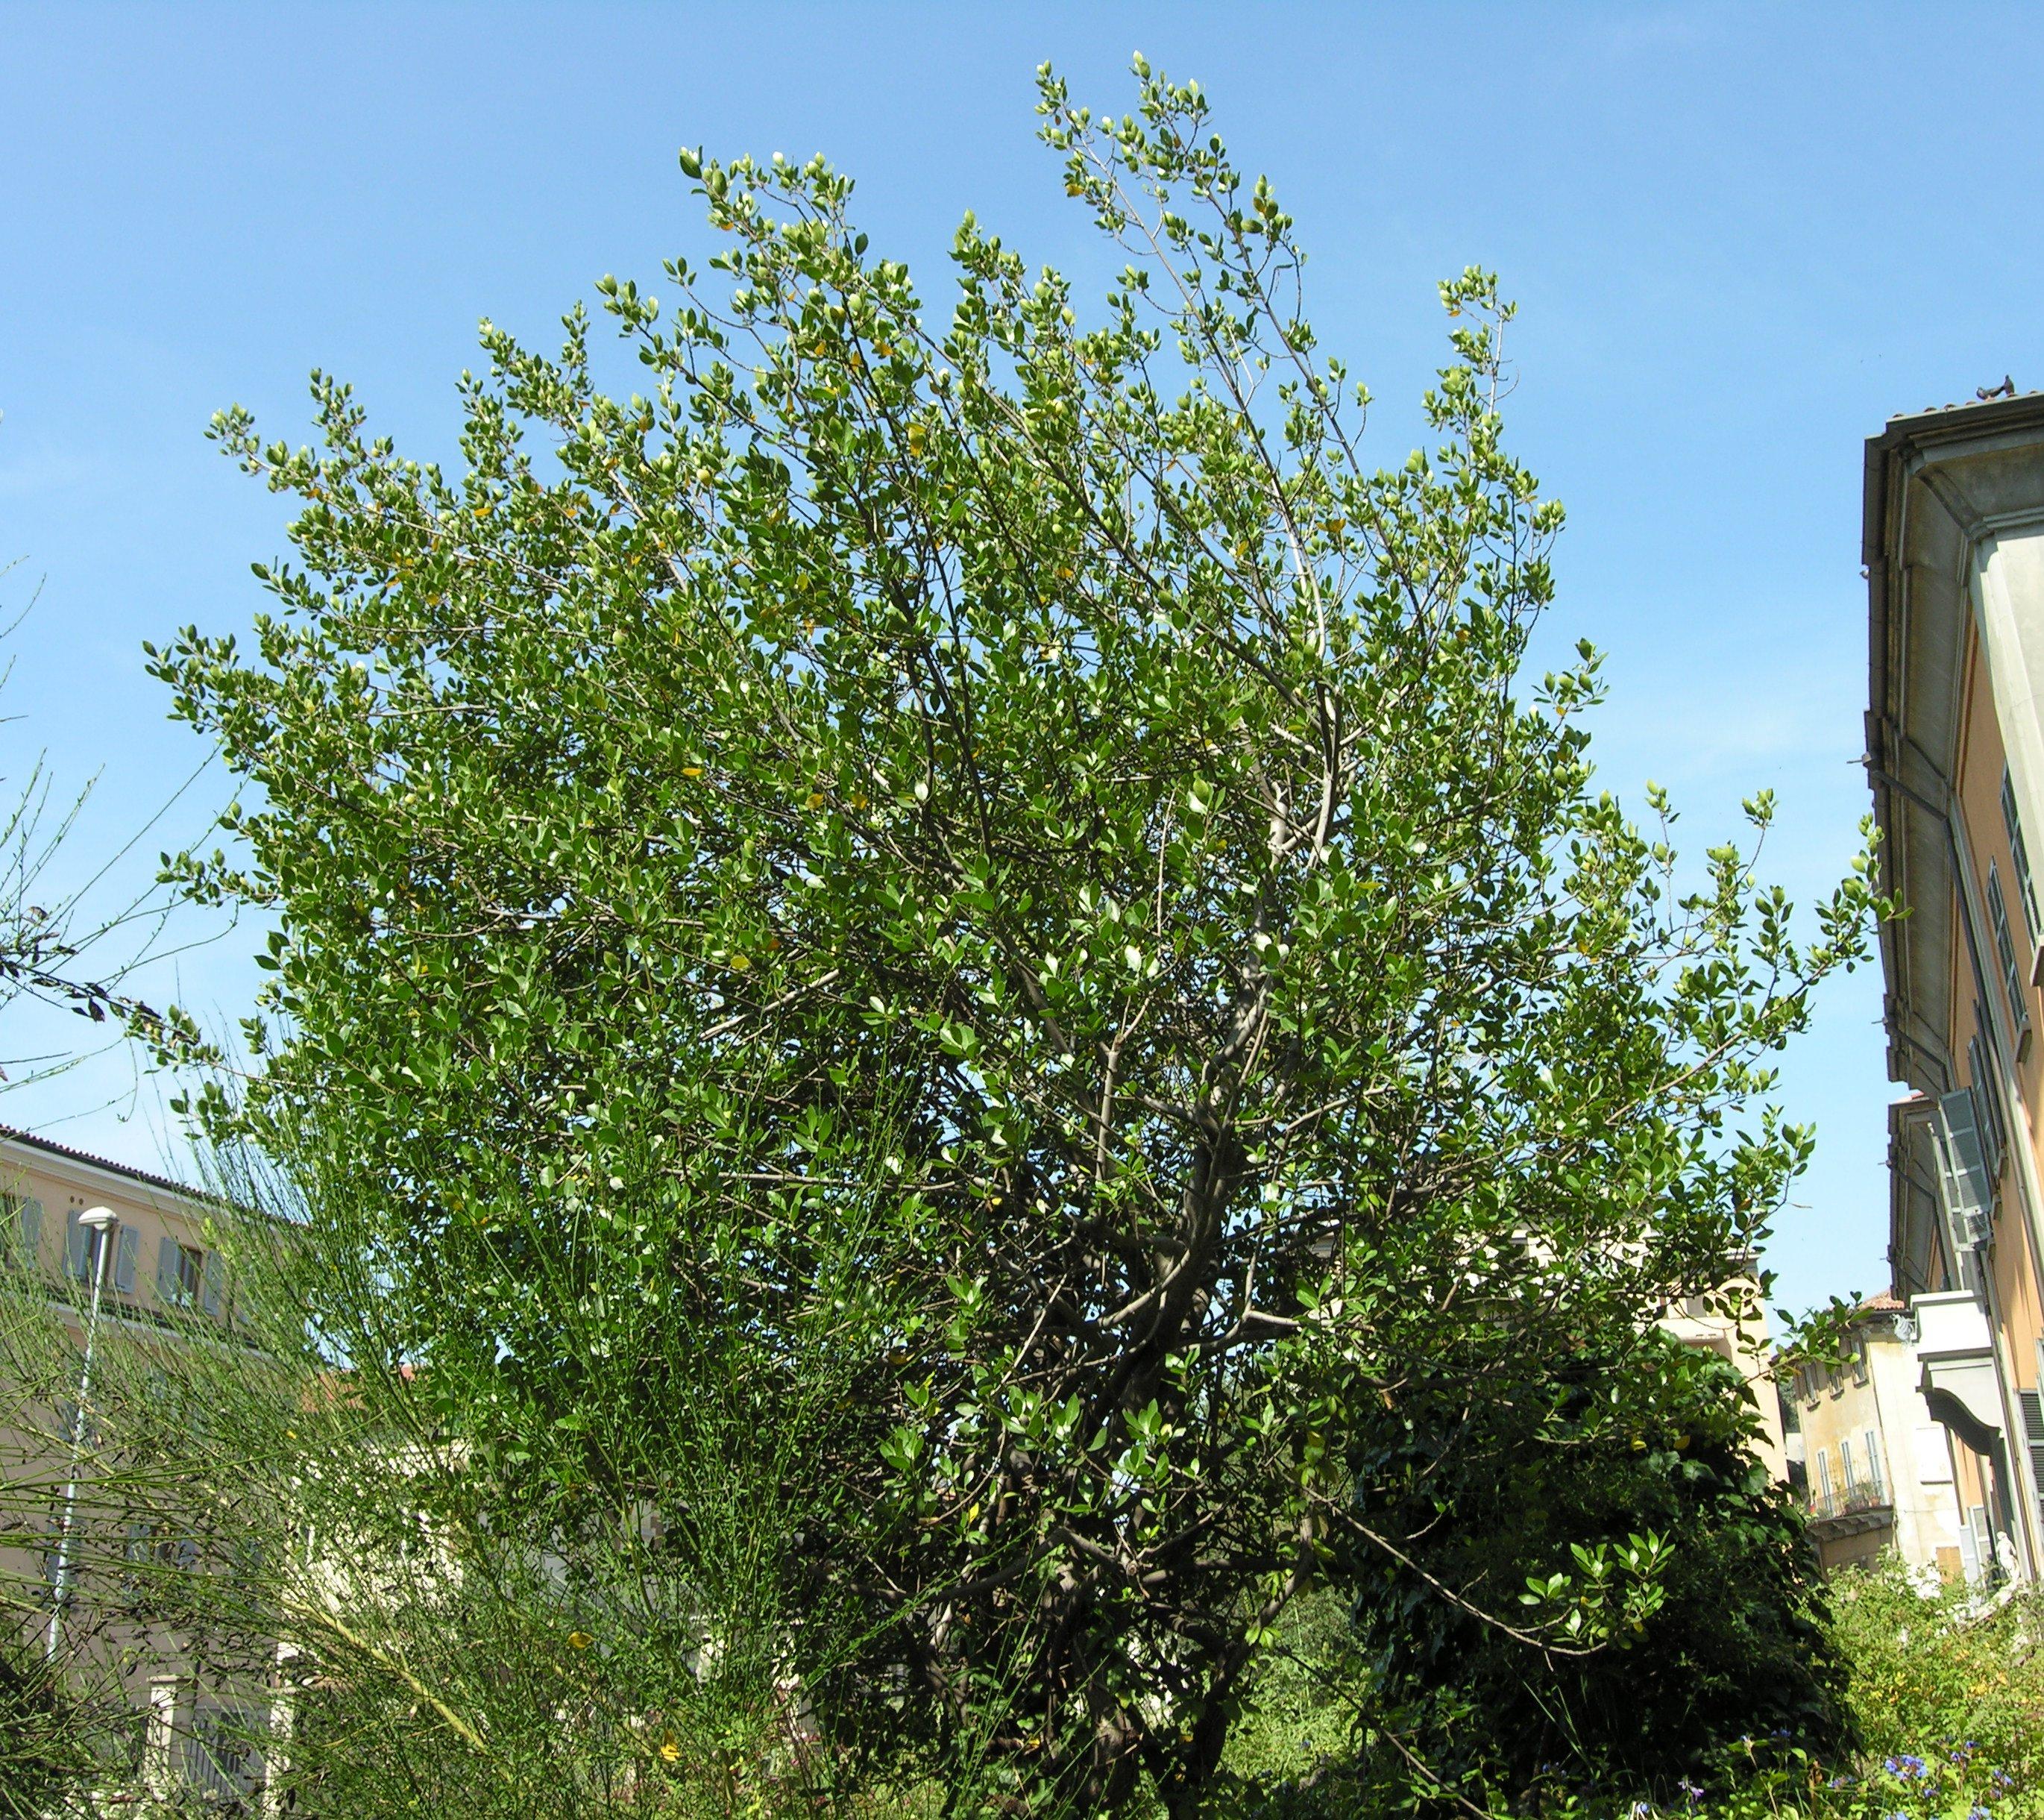 © Dipartimento di Scienze della Vita, Università degli Studi di Trieste<br>by Andrea Moro<br>Comune di Pavia, Orto Botanico dell'Università di Pavia., PV, Lombardia, Italia, 02/07/2007<br>Distributed under CC-BY-SA 4.0 license.